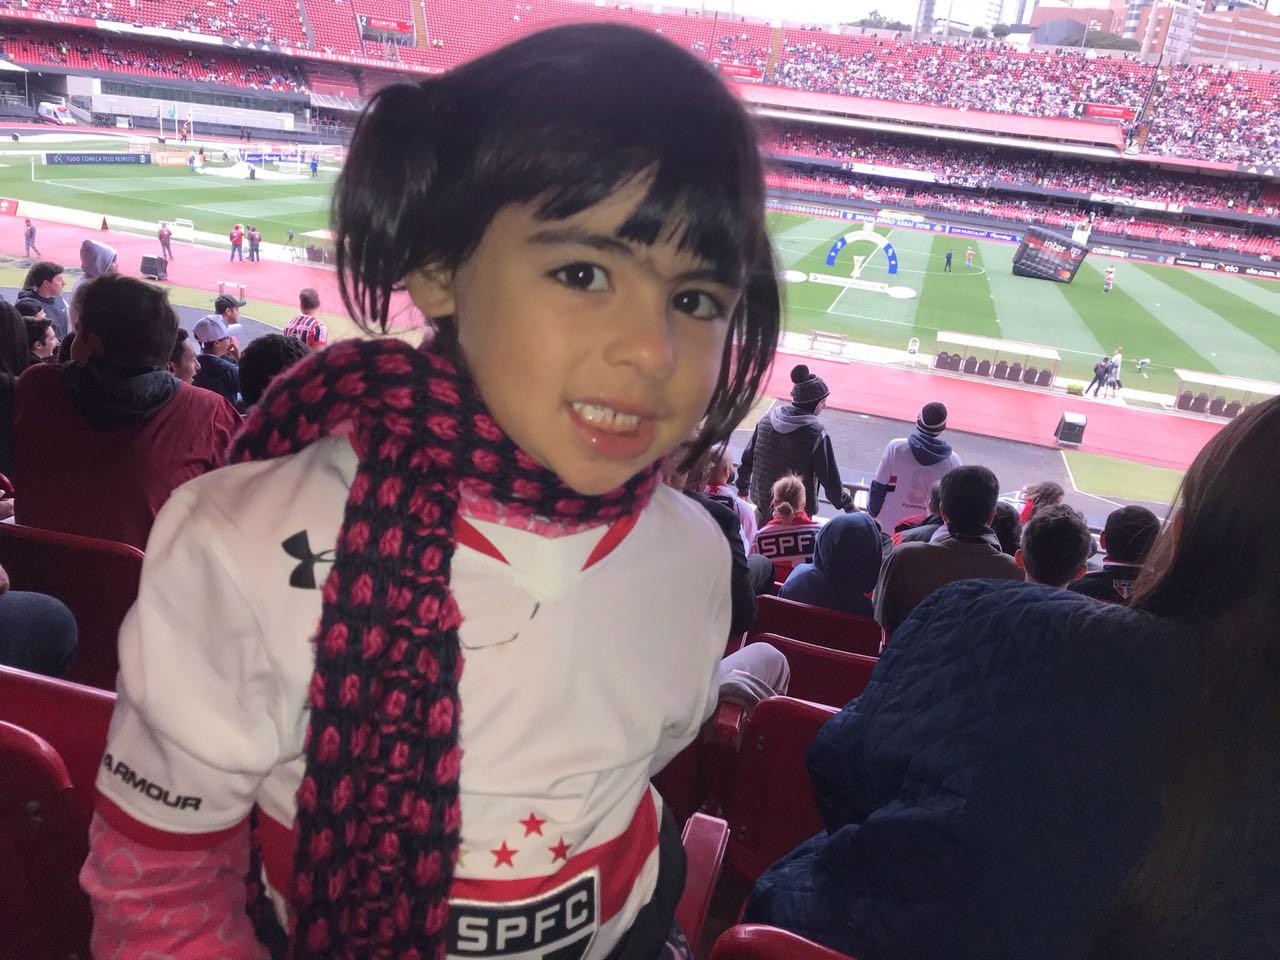 A experiência do futebol pelos olhos de quem foi ao estádio pela 1ª ... d0550e1fe4d2d